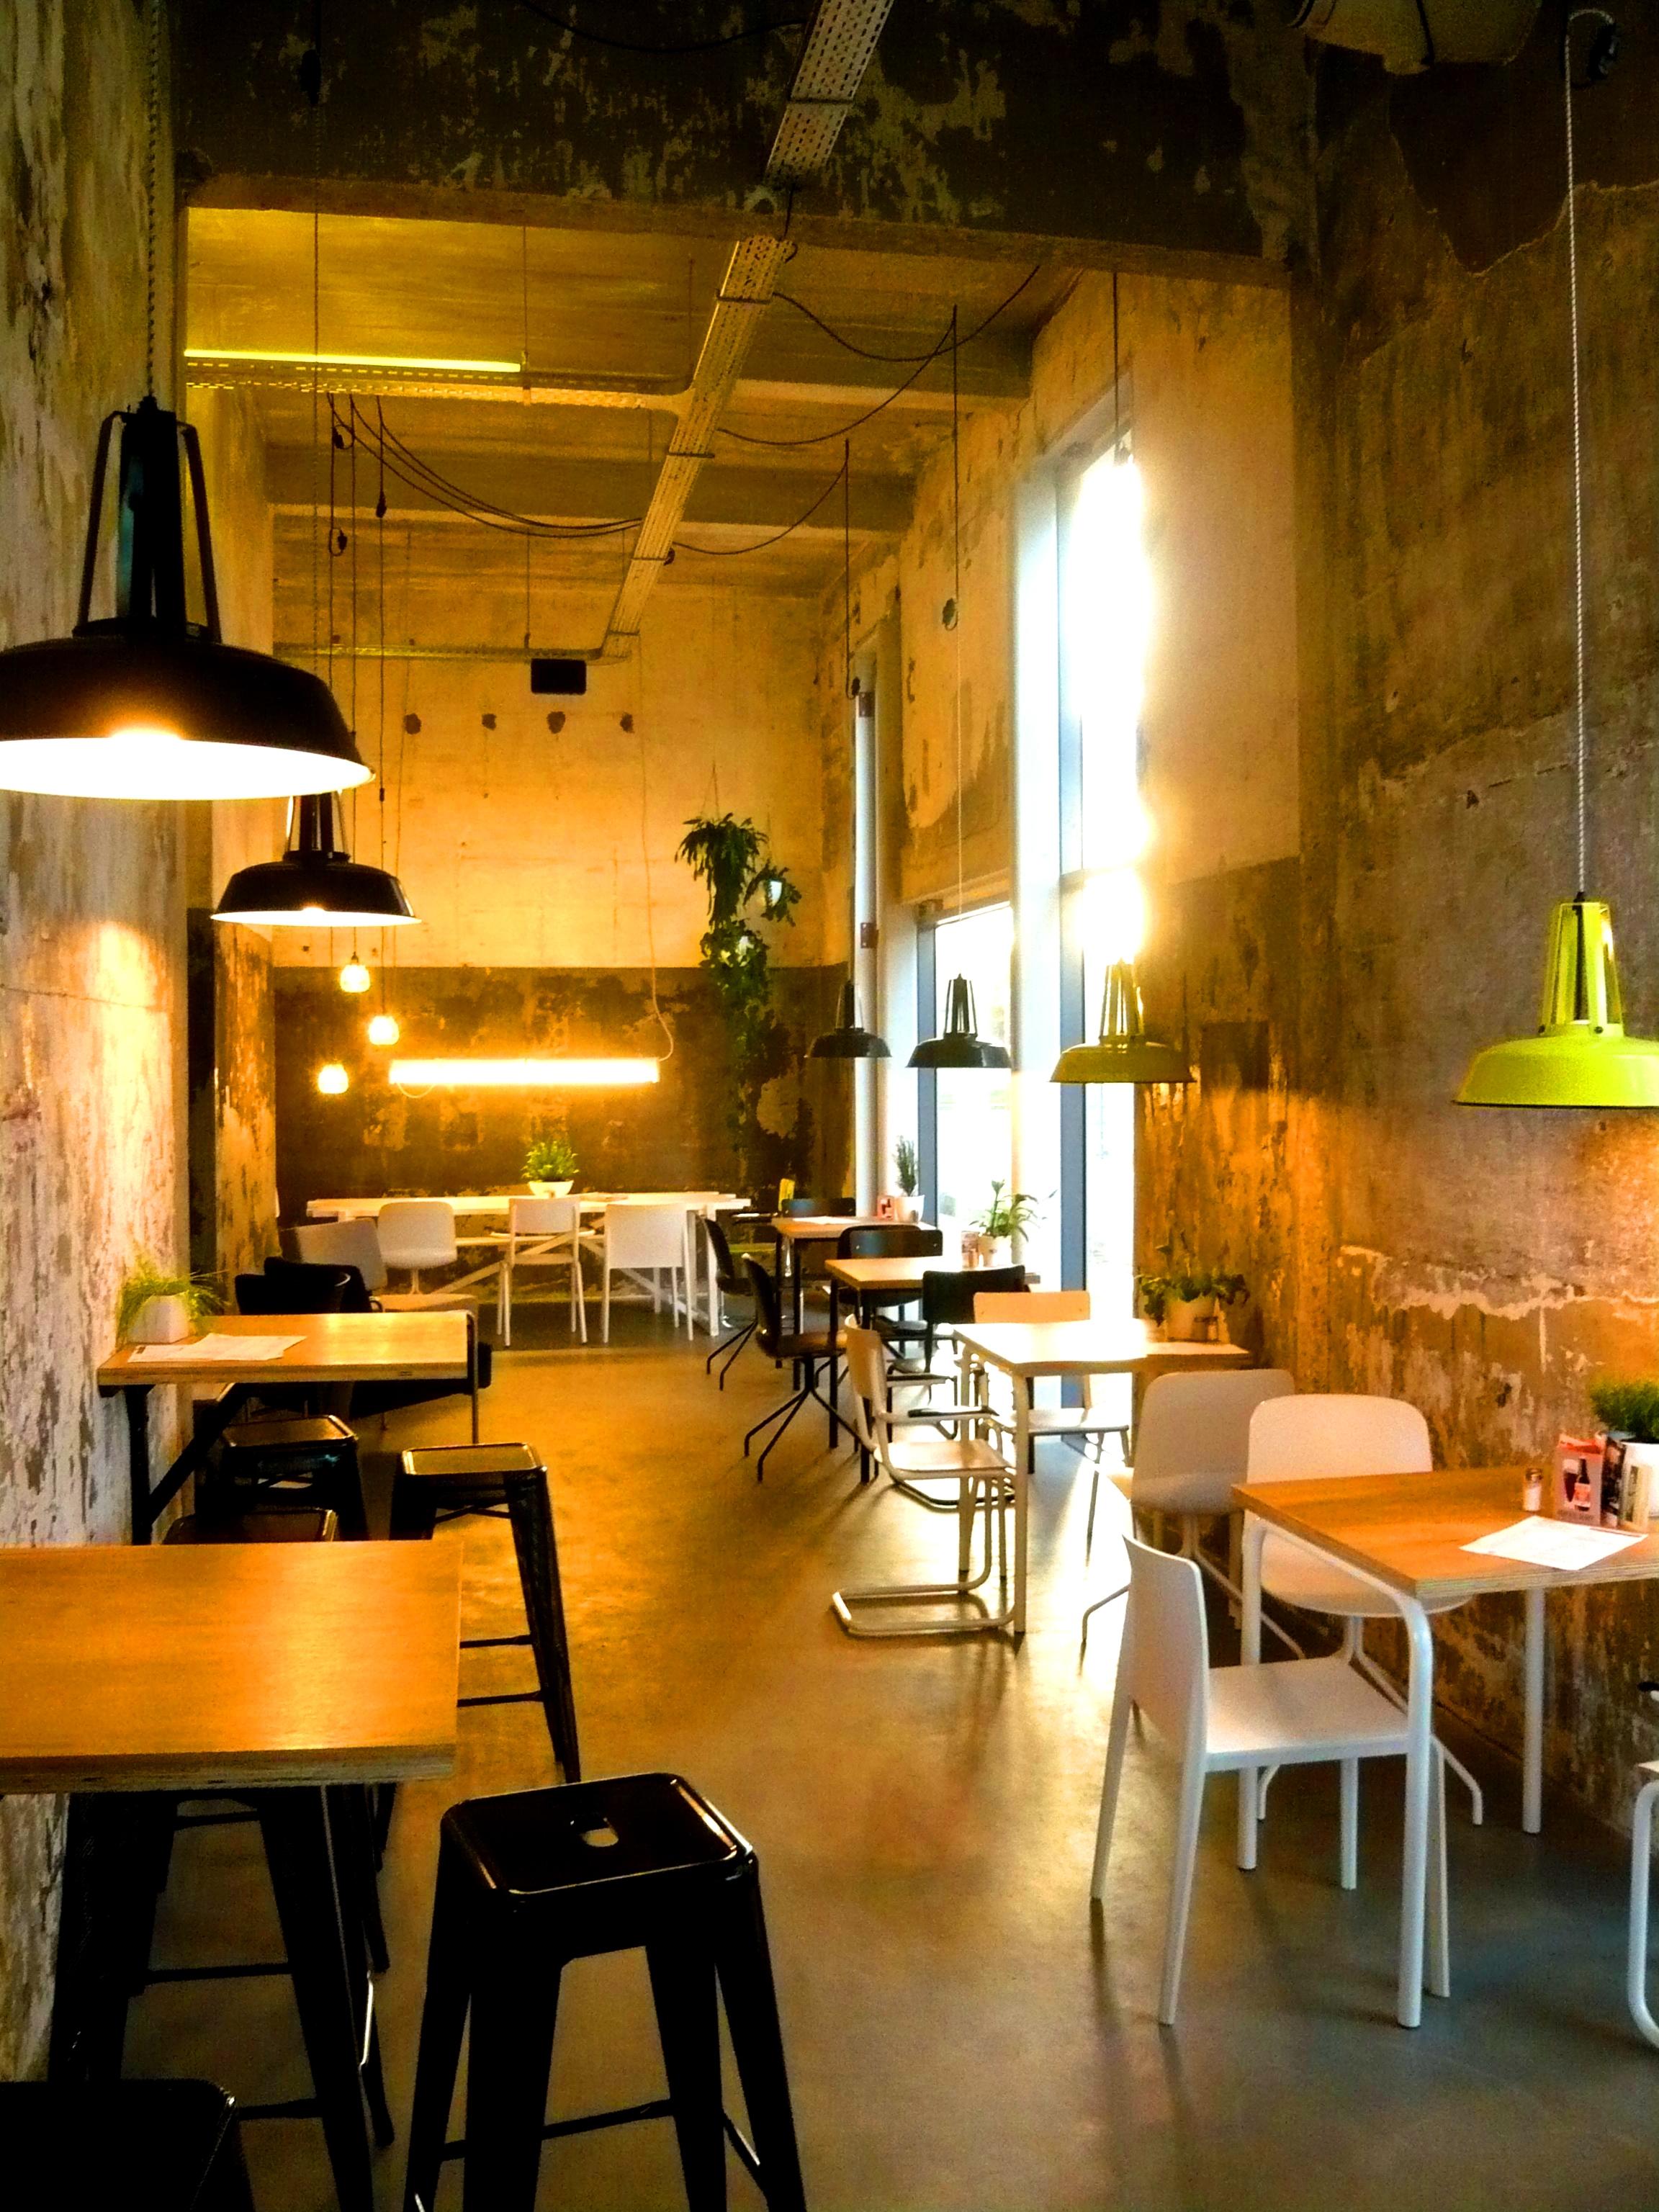 restaurant-best-coffee-onder-de-leidingstraat-strijp-S-Eindhoven-hotspot-deli-dinner-coffee-koffie-tea-thee